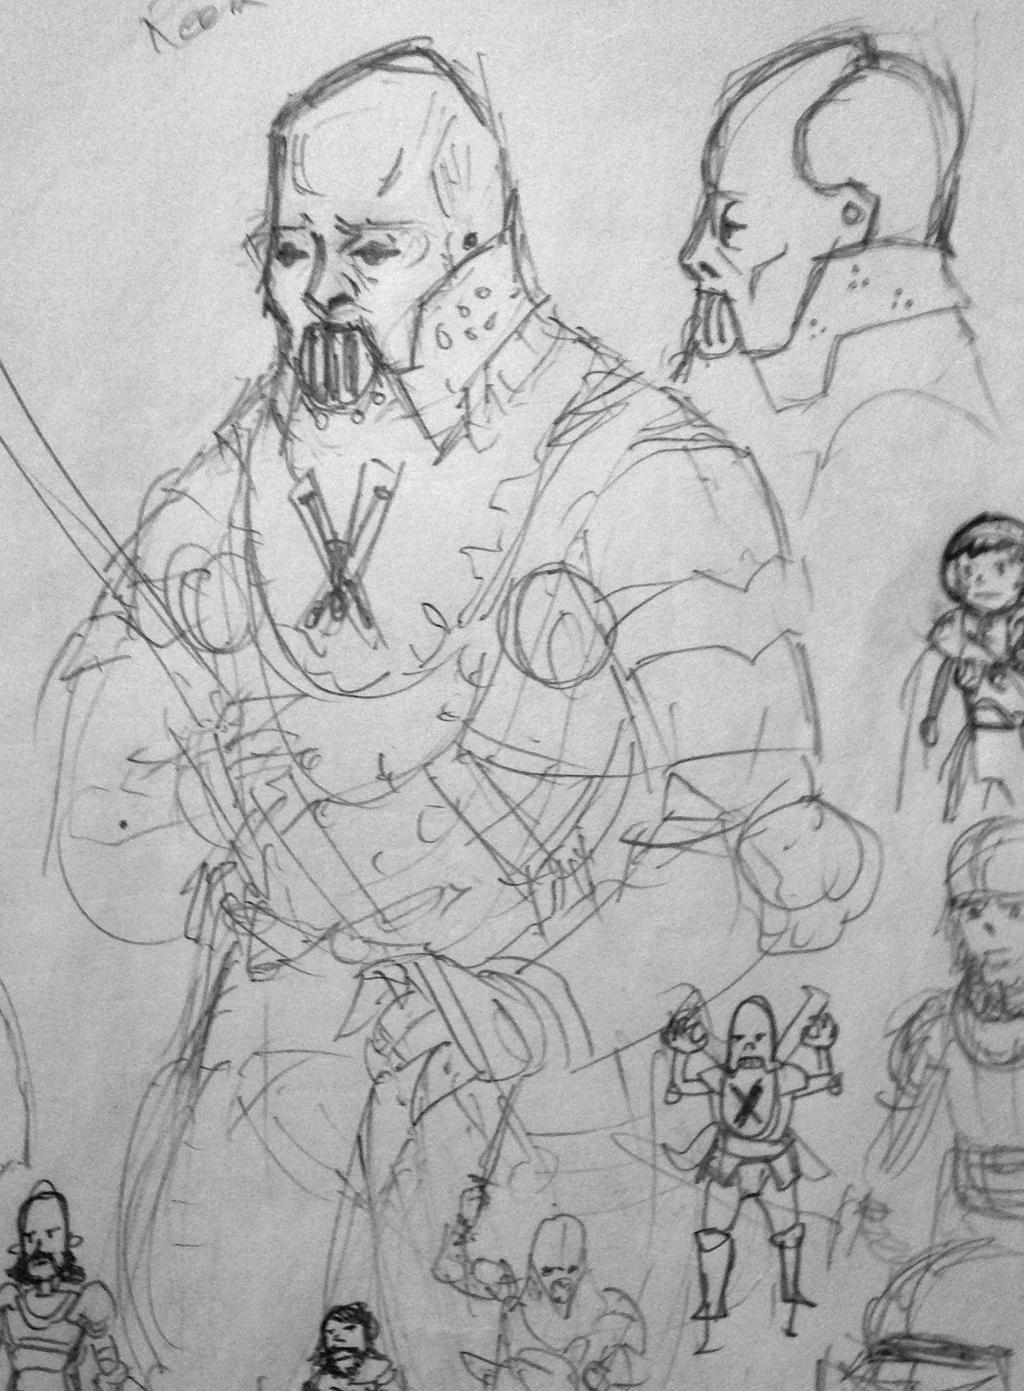 Reek Sketch by KidneyShake